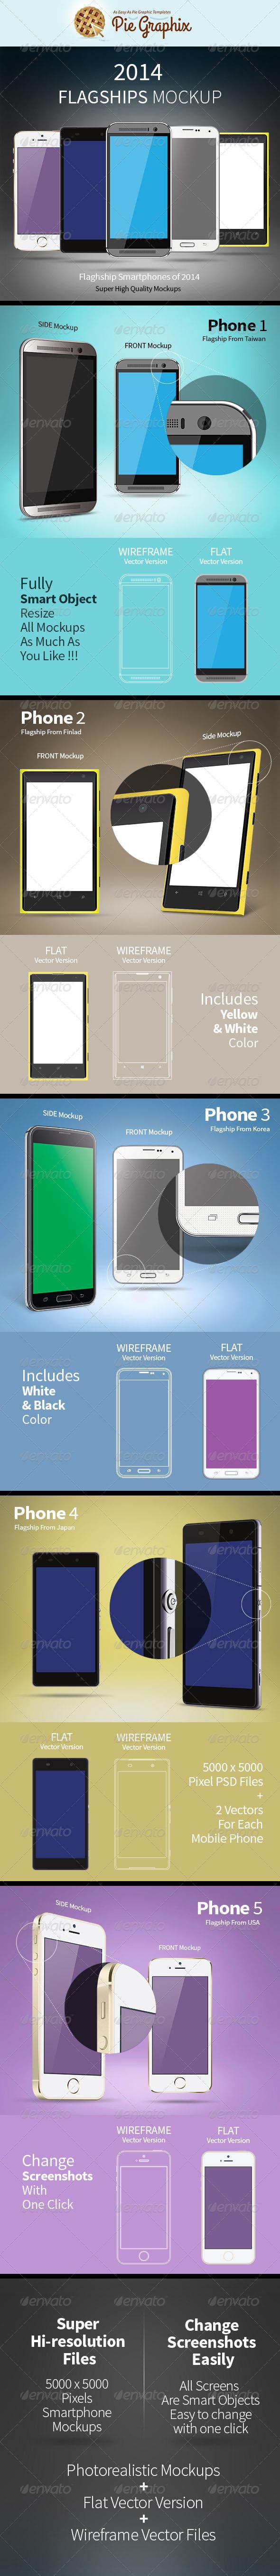 GraphicRiver 2014 Flagship Smartphones Mock-Up 8041878